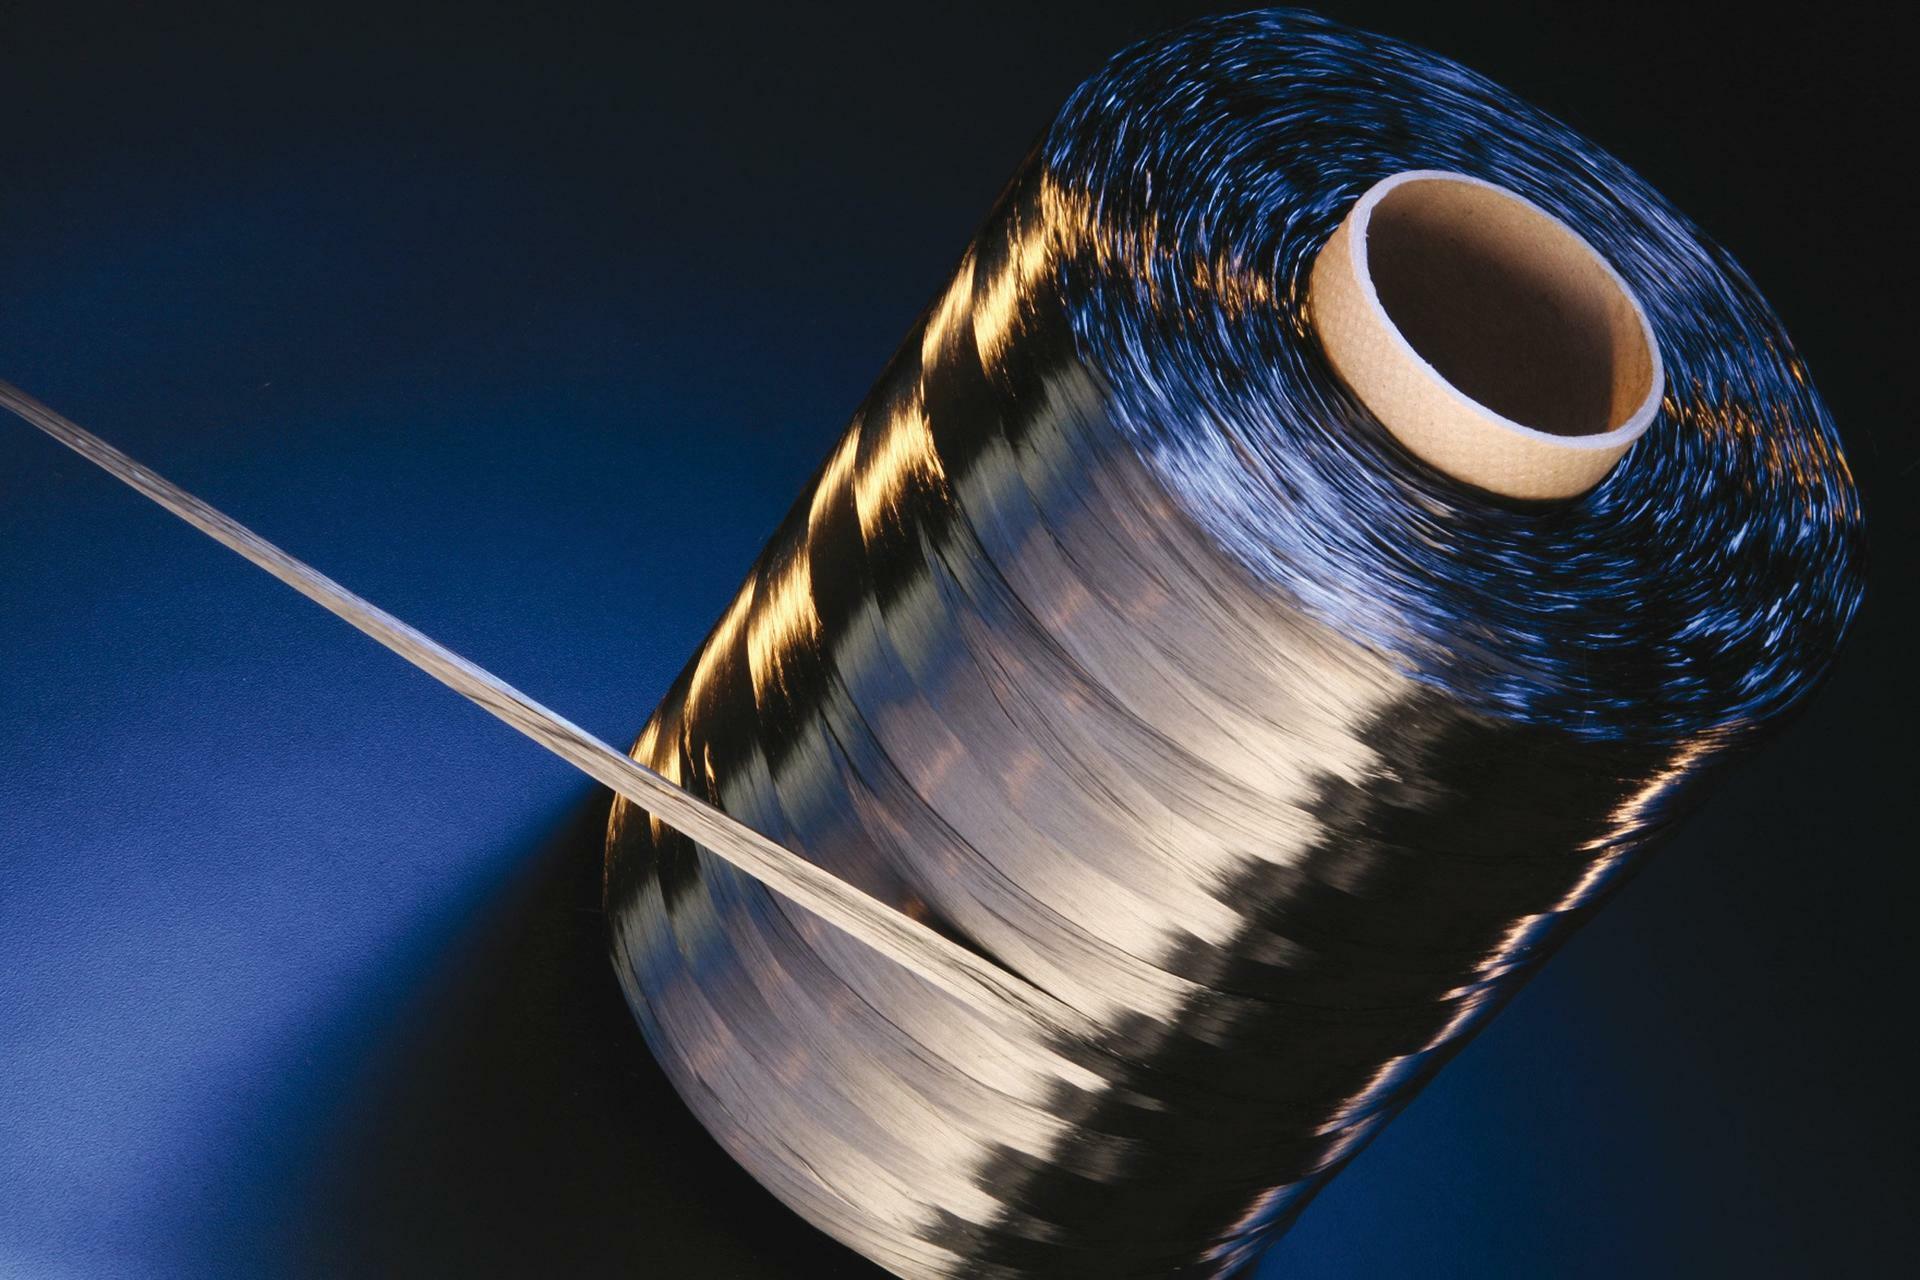 zukunftsmaterial wo carbon verwendet wird industrie unternehmen handelsblatt. Black Bedroom Furniture Sets. Home Design Ideas